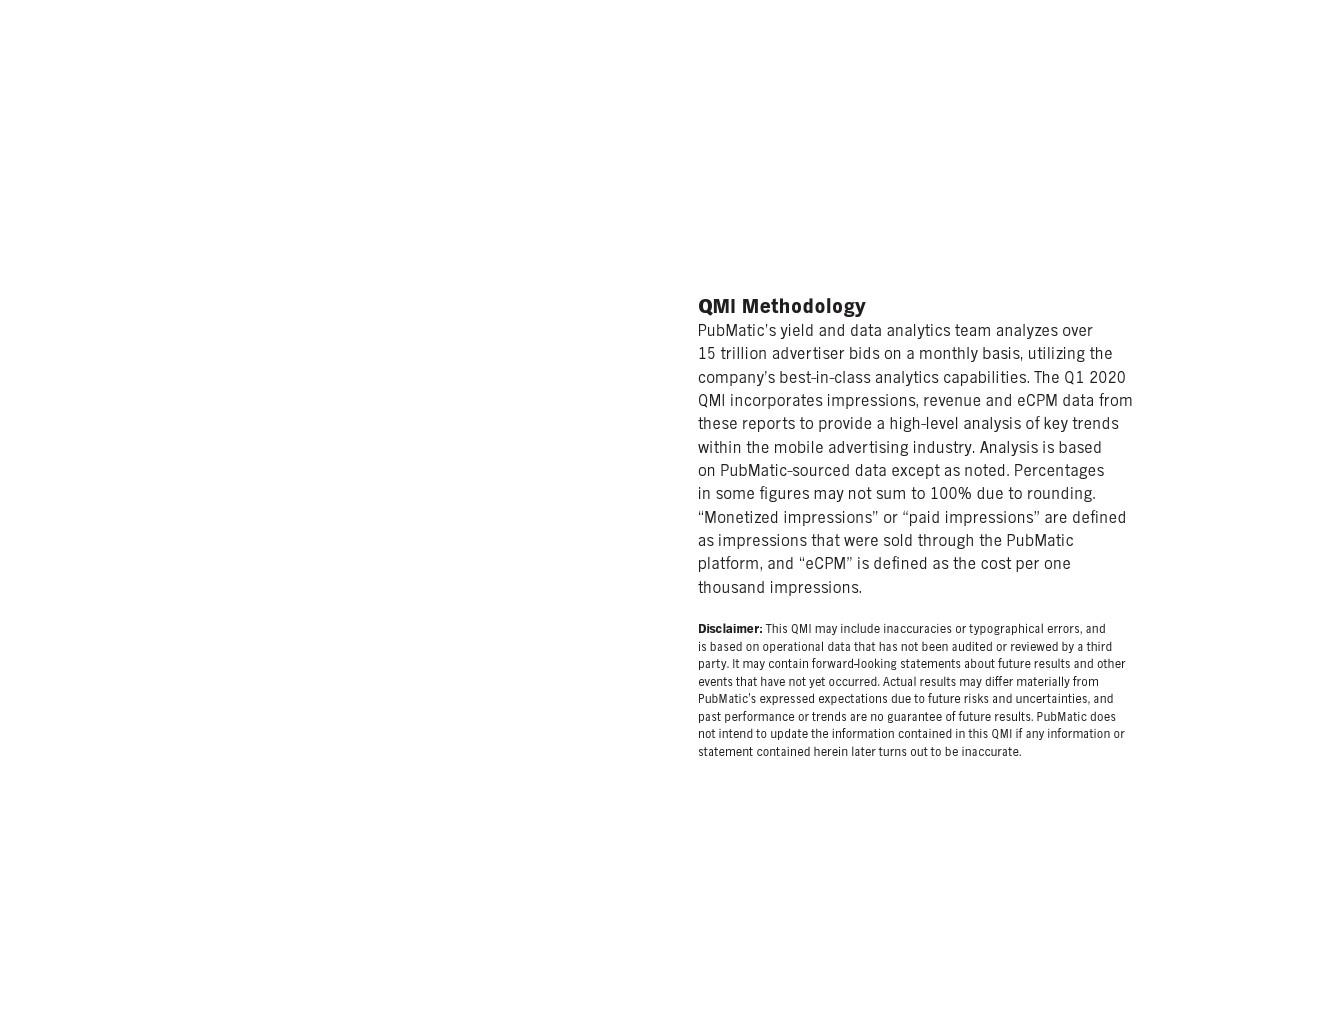 PubMatic:2020年第一季度移动广告指数报告